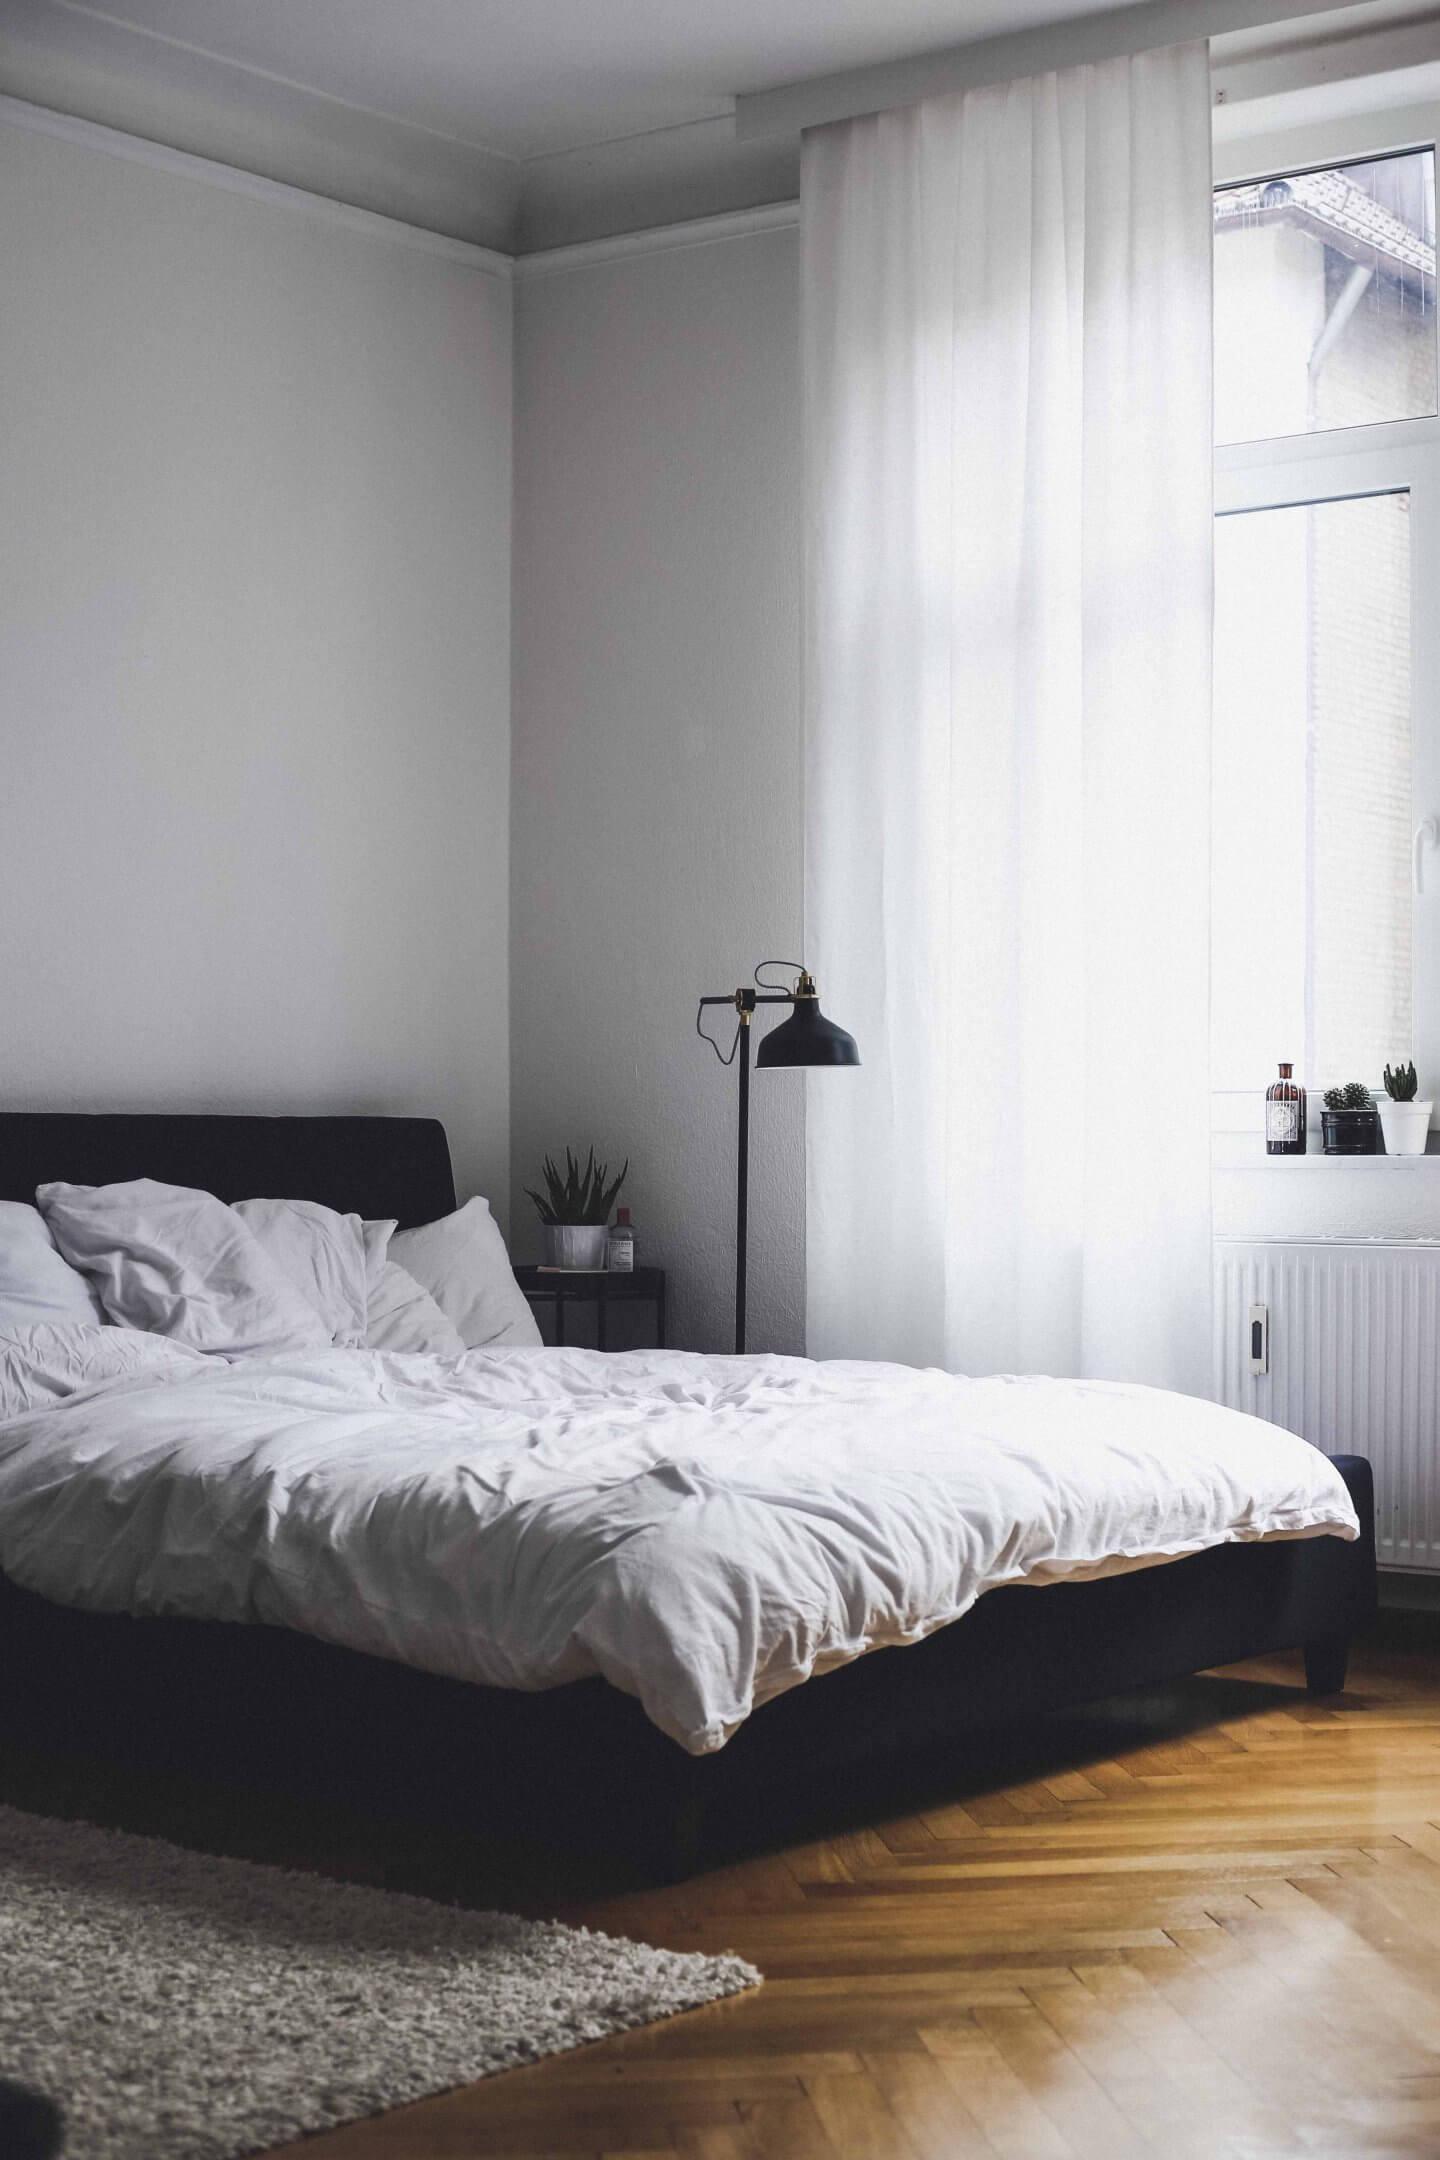 Full Size of Bett Wand Mit Bettkasten 90x200 Weißes 160x200 Betten Stauraum Trends Matratze Selber Bauen 180x200 Weiße Ohne Kopfteil 140x220 Bei Ikea Rauch Schlafzimmer Bett Bett Schlicht